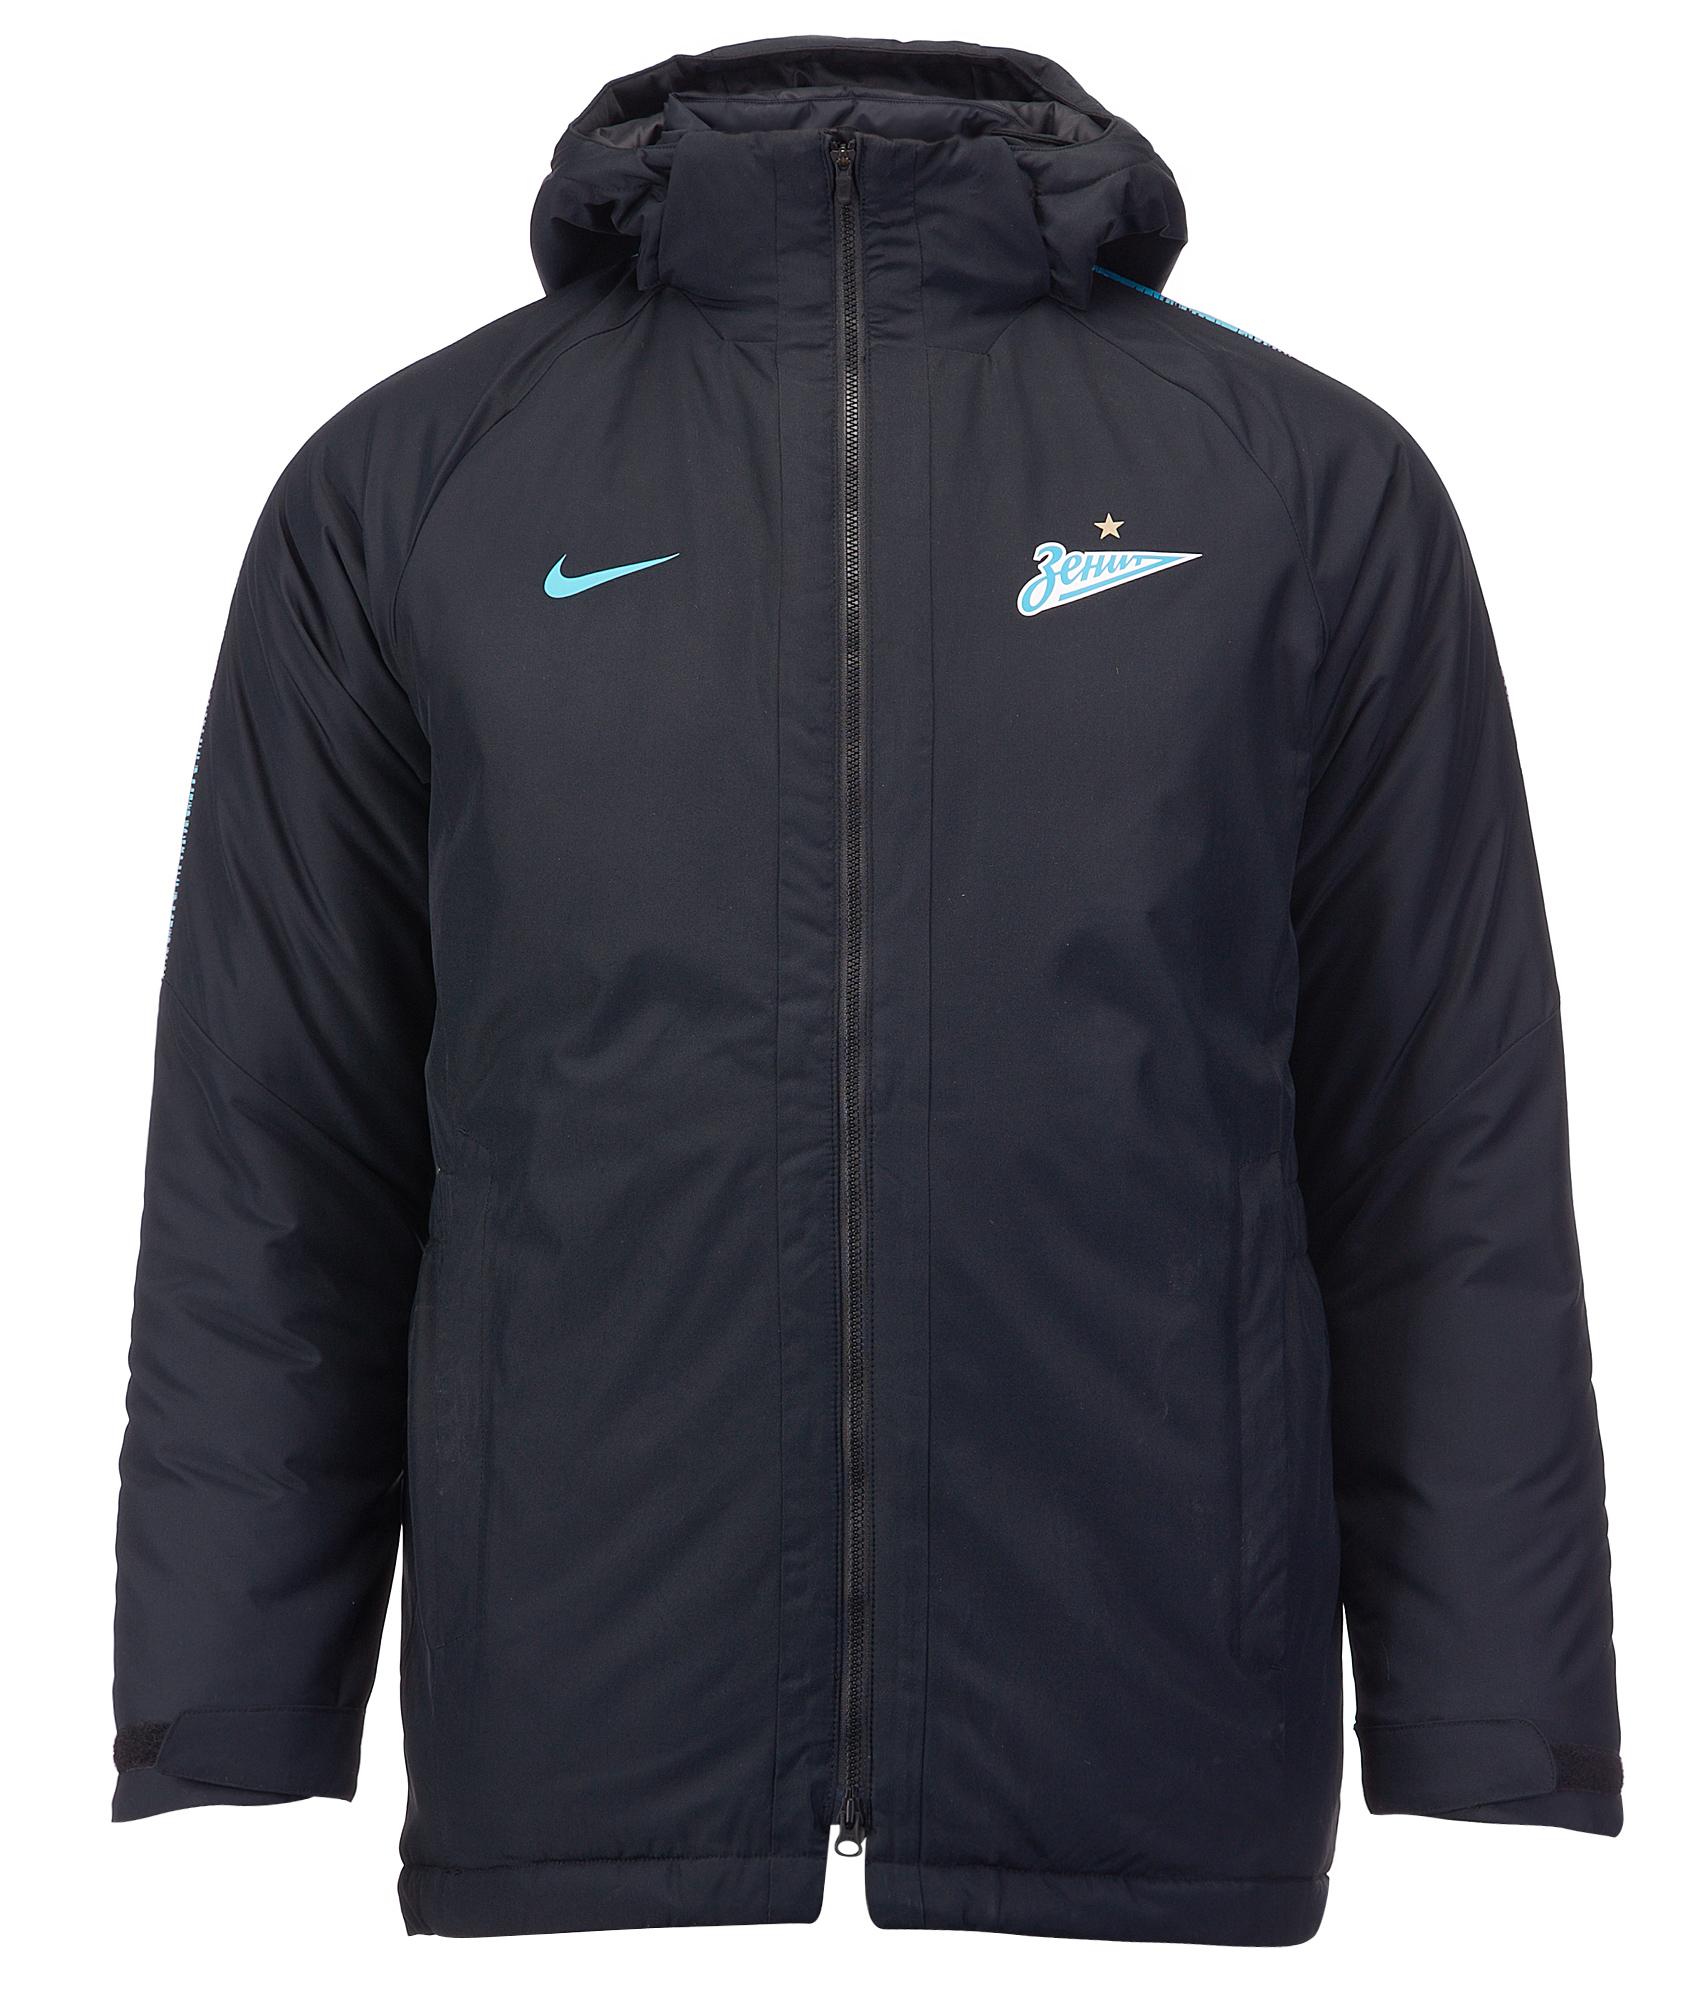 Куртка зимняя подростковая Nike 2018/19 Nike Цвет-Черный nike nike ni464aghca01